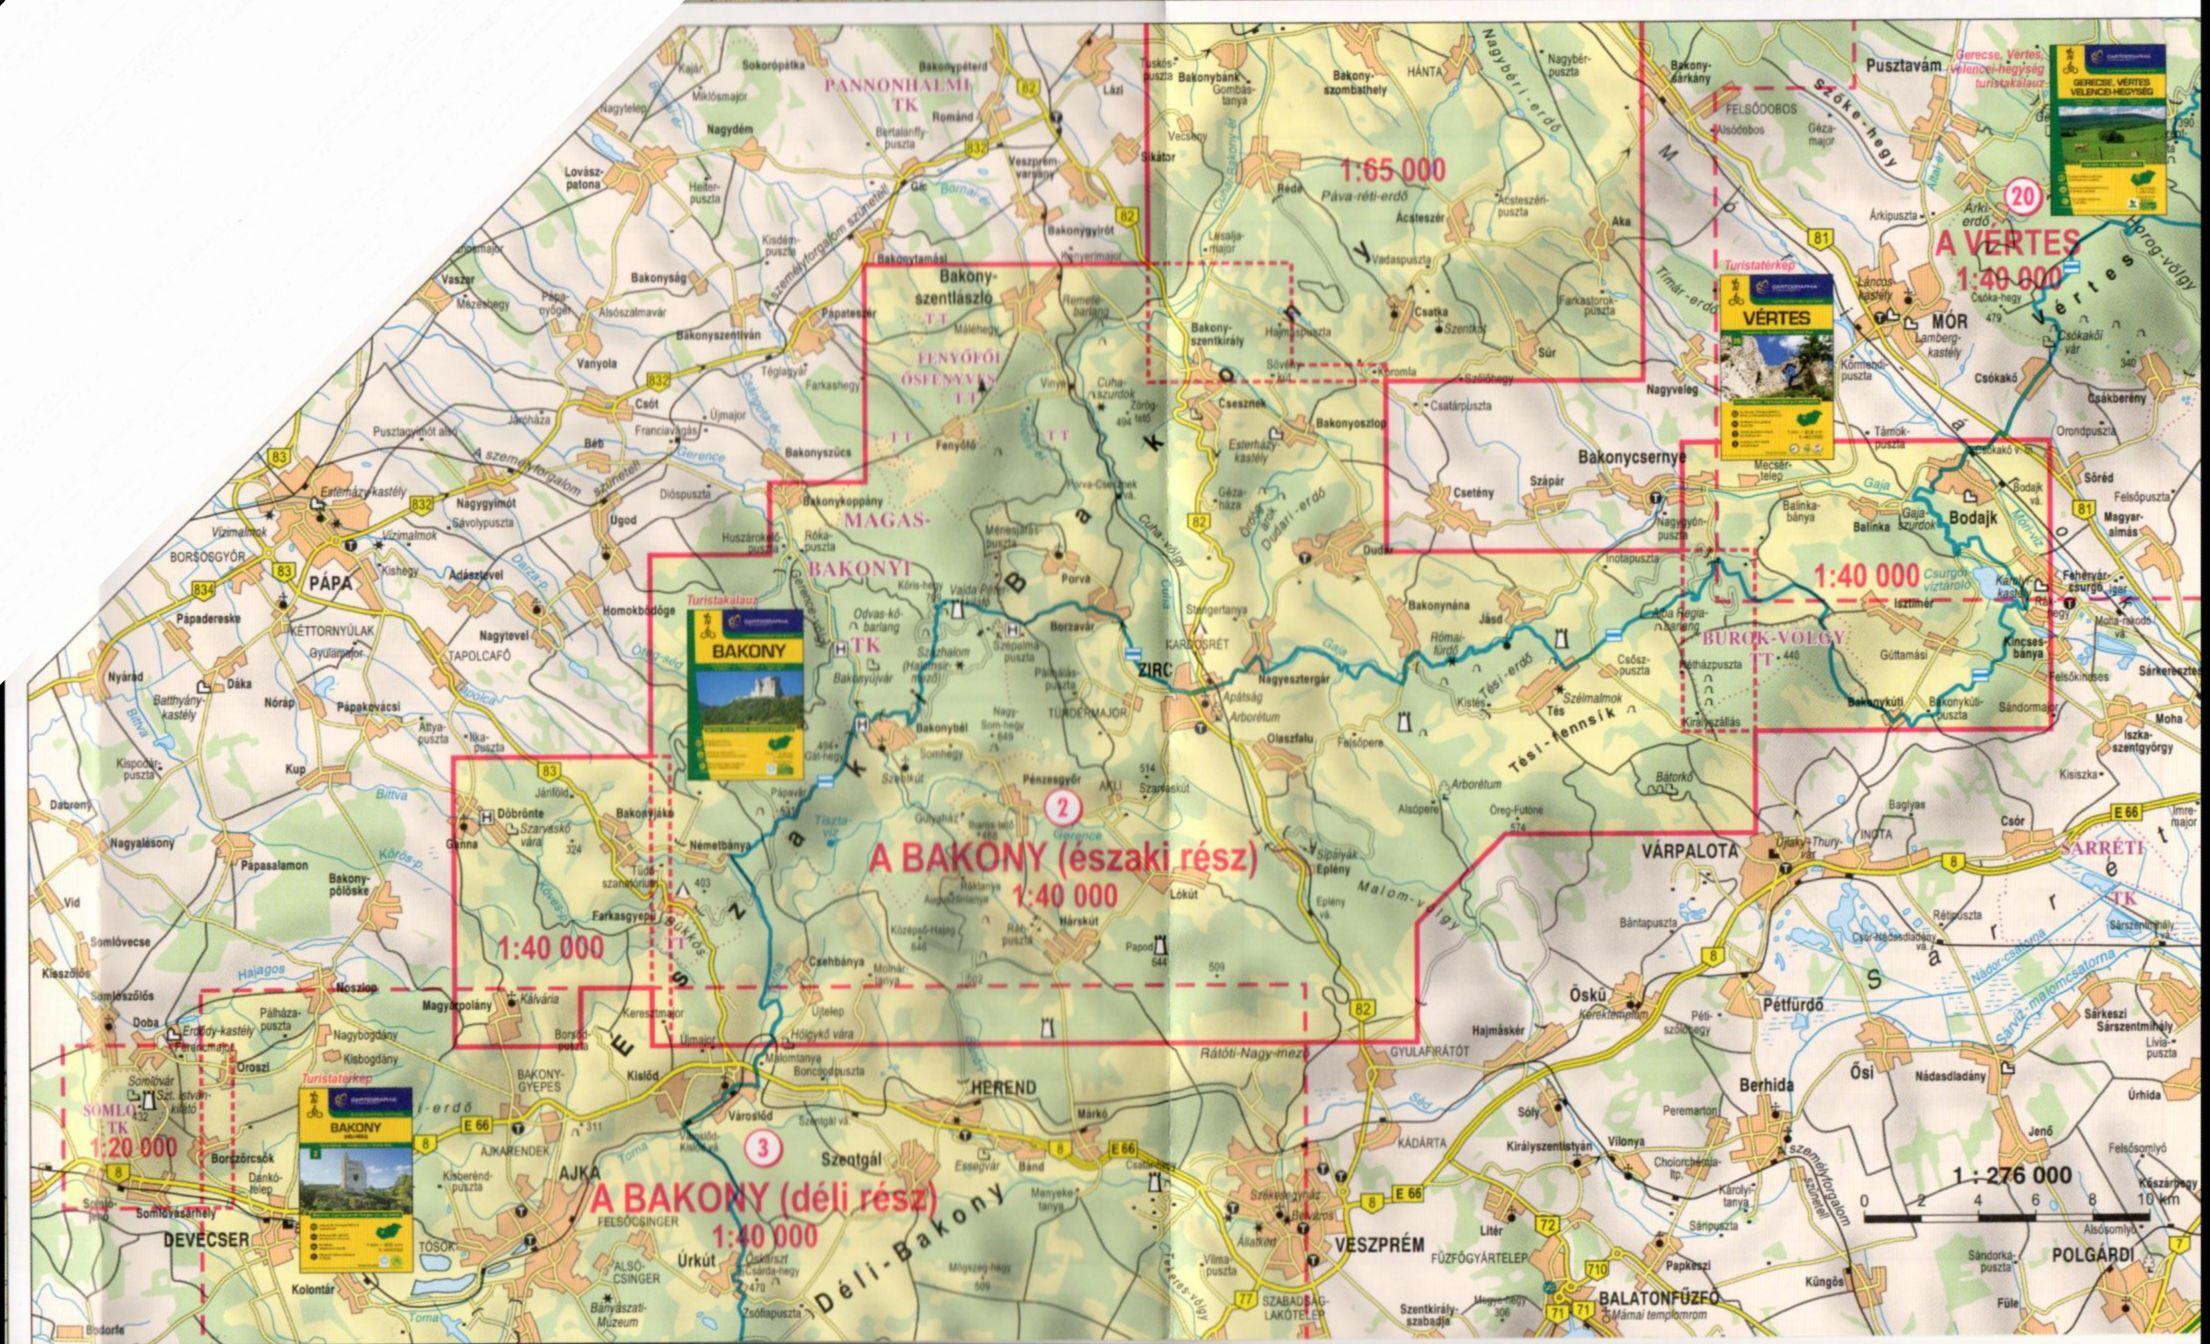 A Bakony-Észak, (ill. részben a Bakony-Dél) térképek által lefedett terület